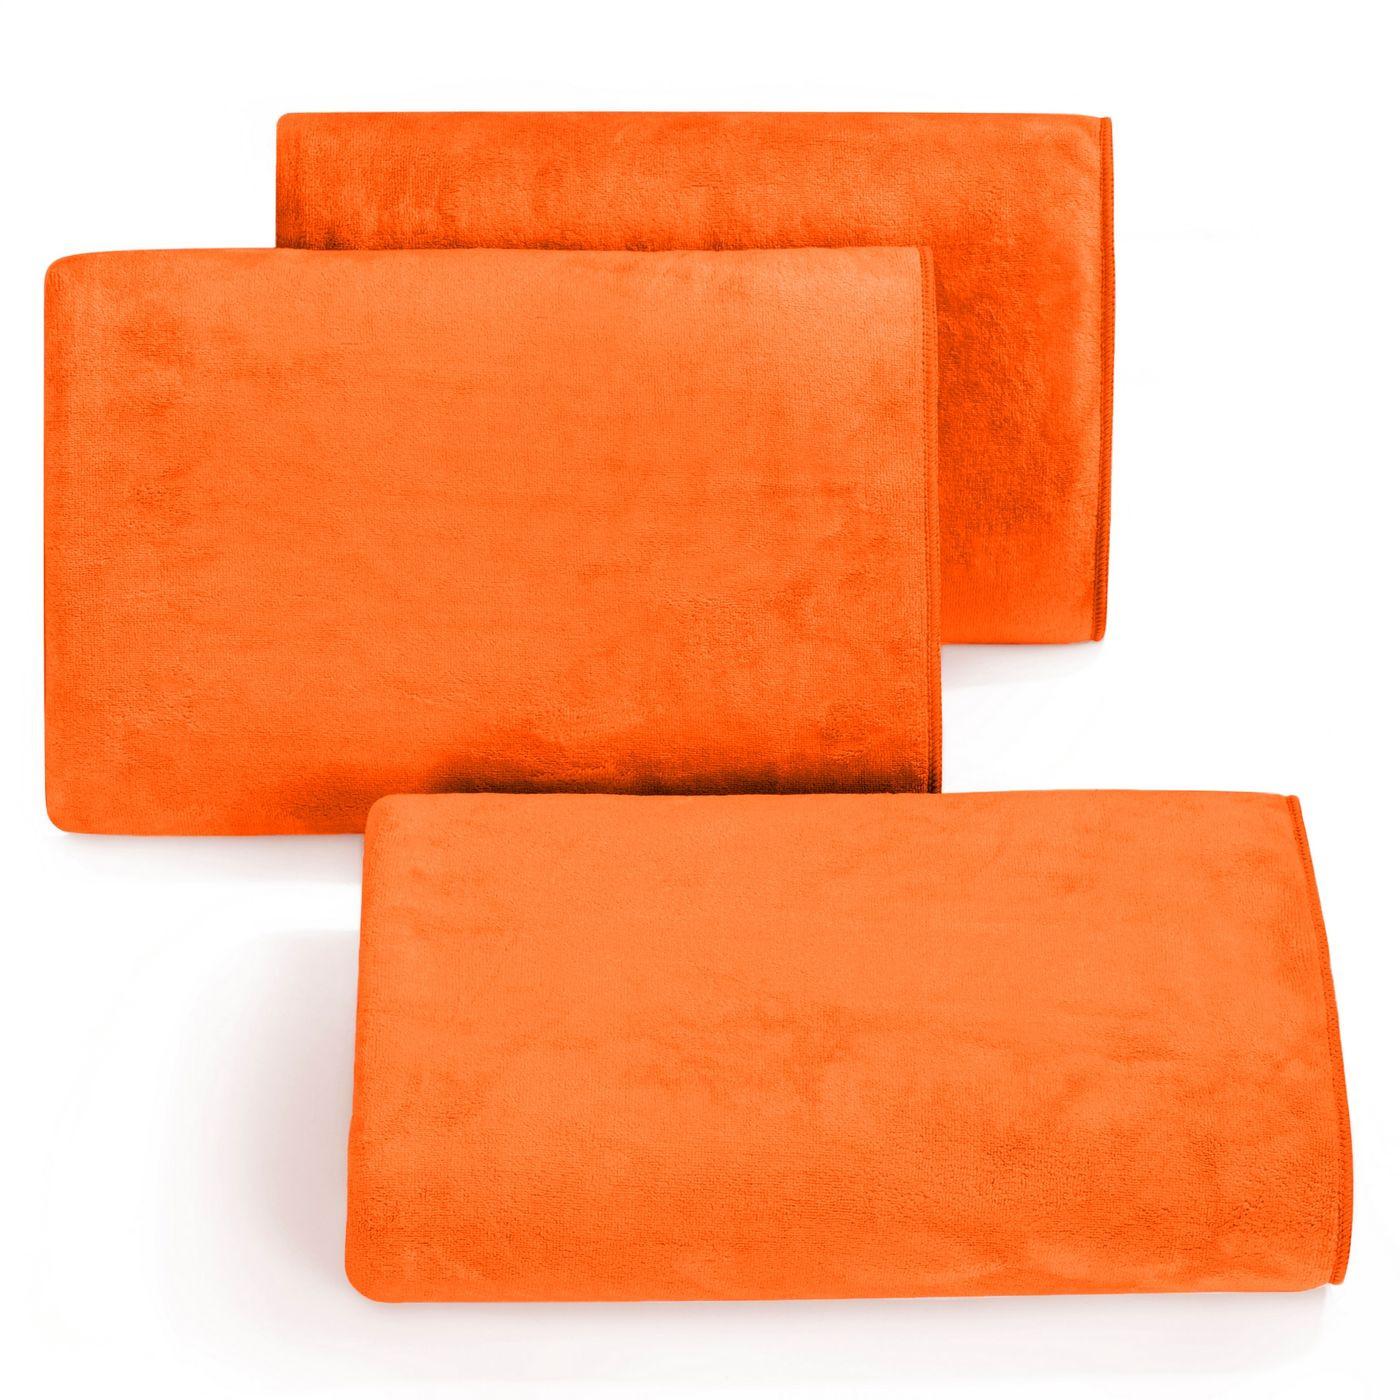 Ręcznik z mikrofibry szybkoschnący jasnopomarańczowy 30x30cm